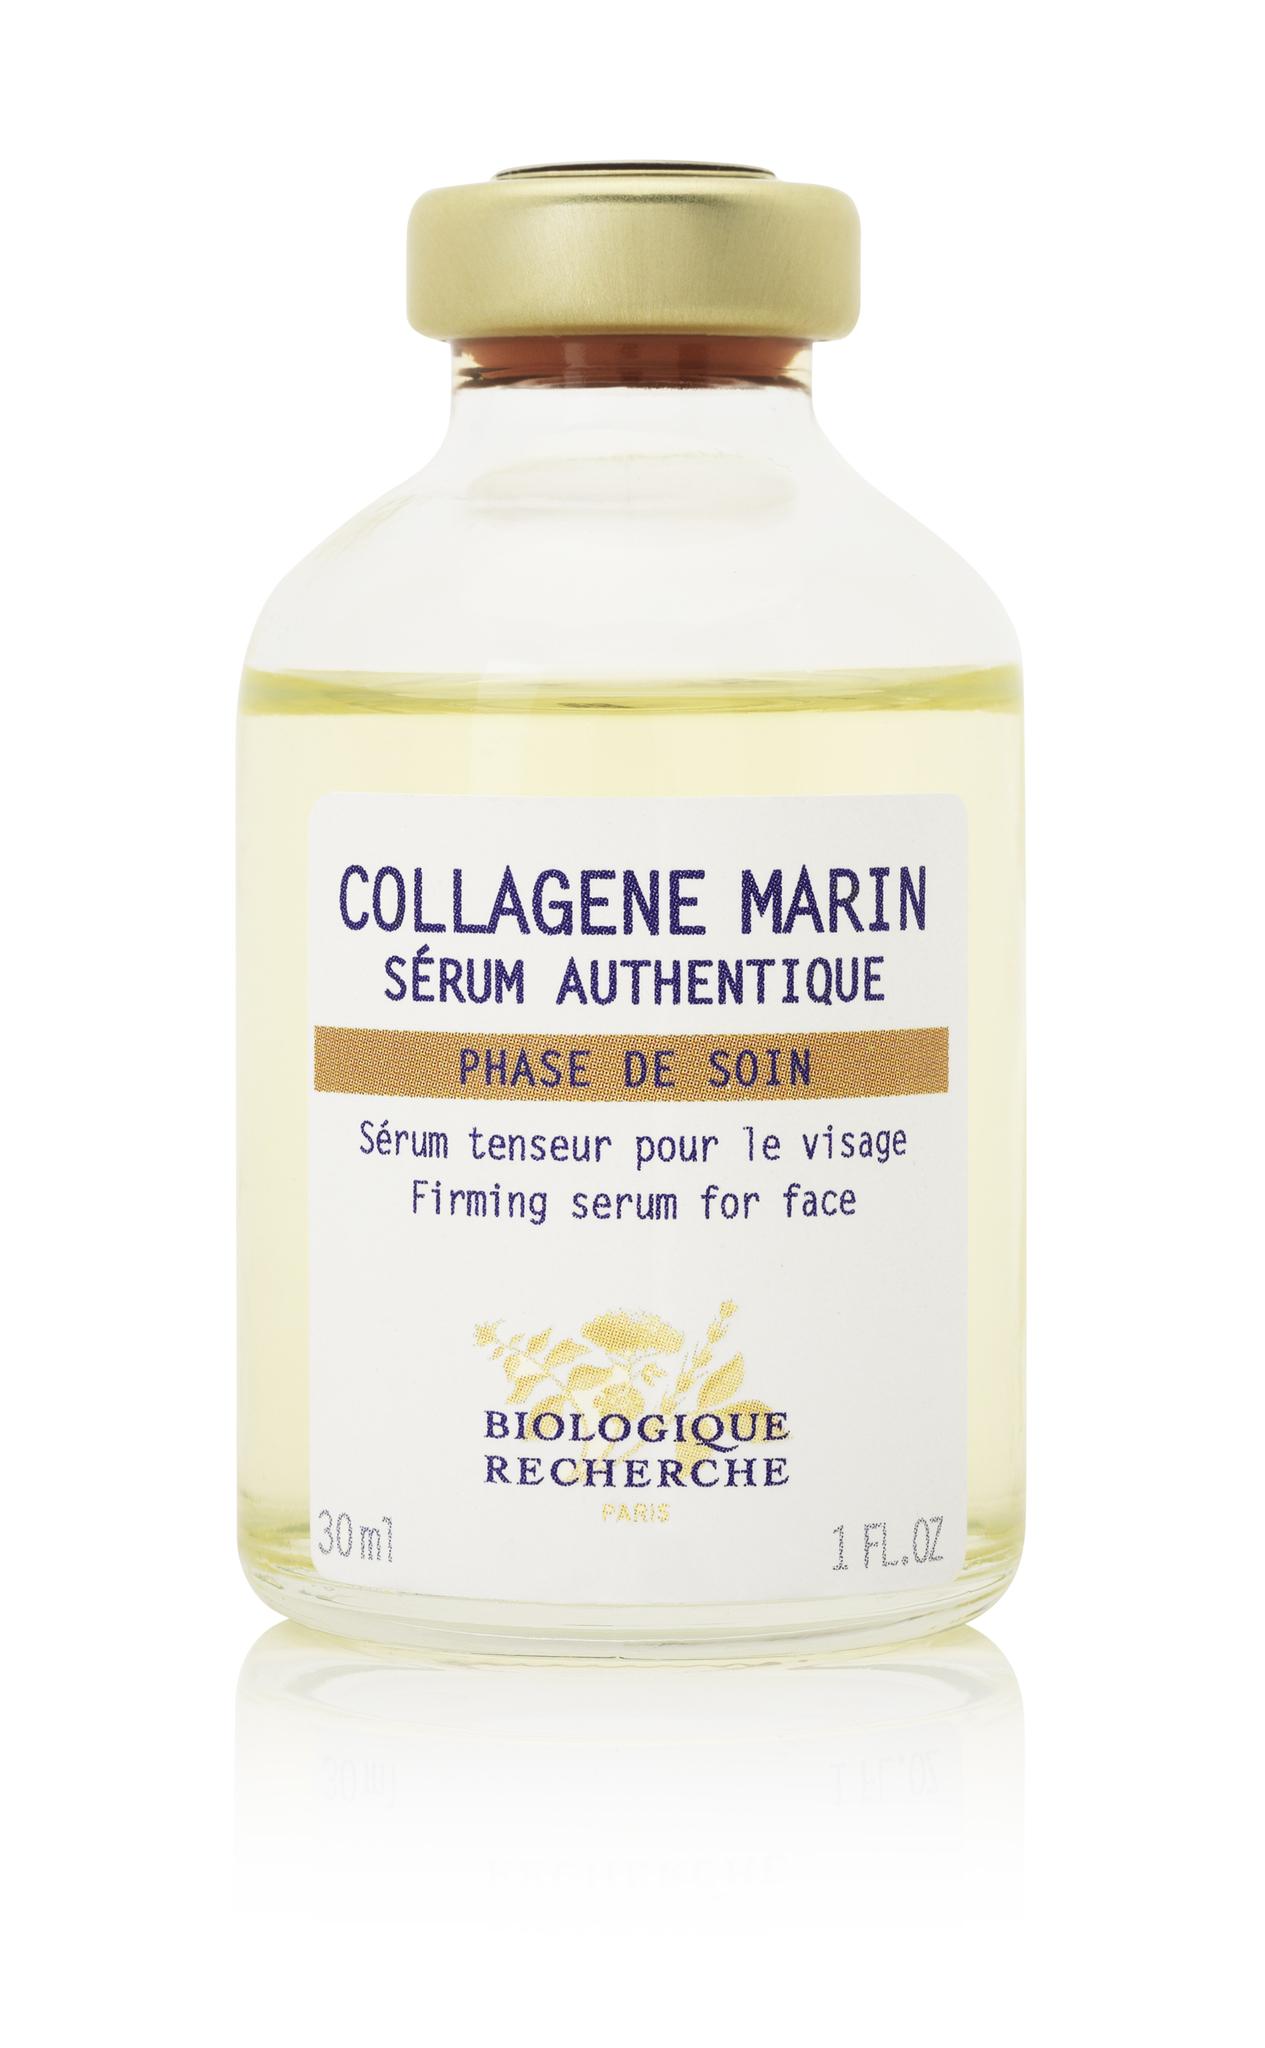 Сыворотка для лица, шеи, декольте BIOLOGIQUE RECHERCHE Collagene Marin 30 мл